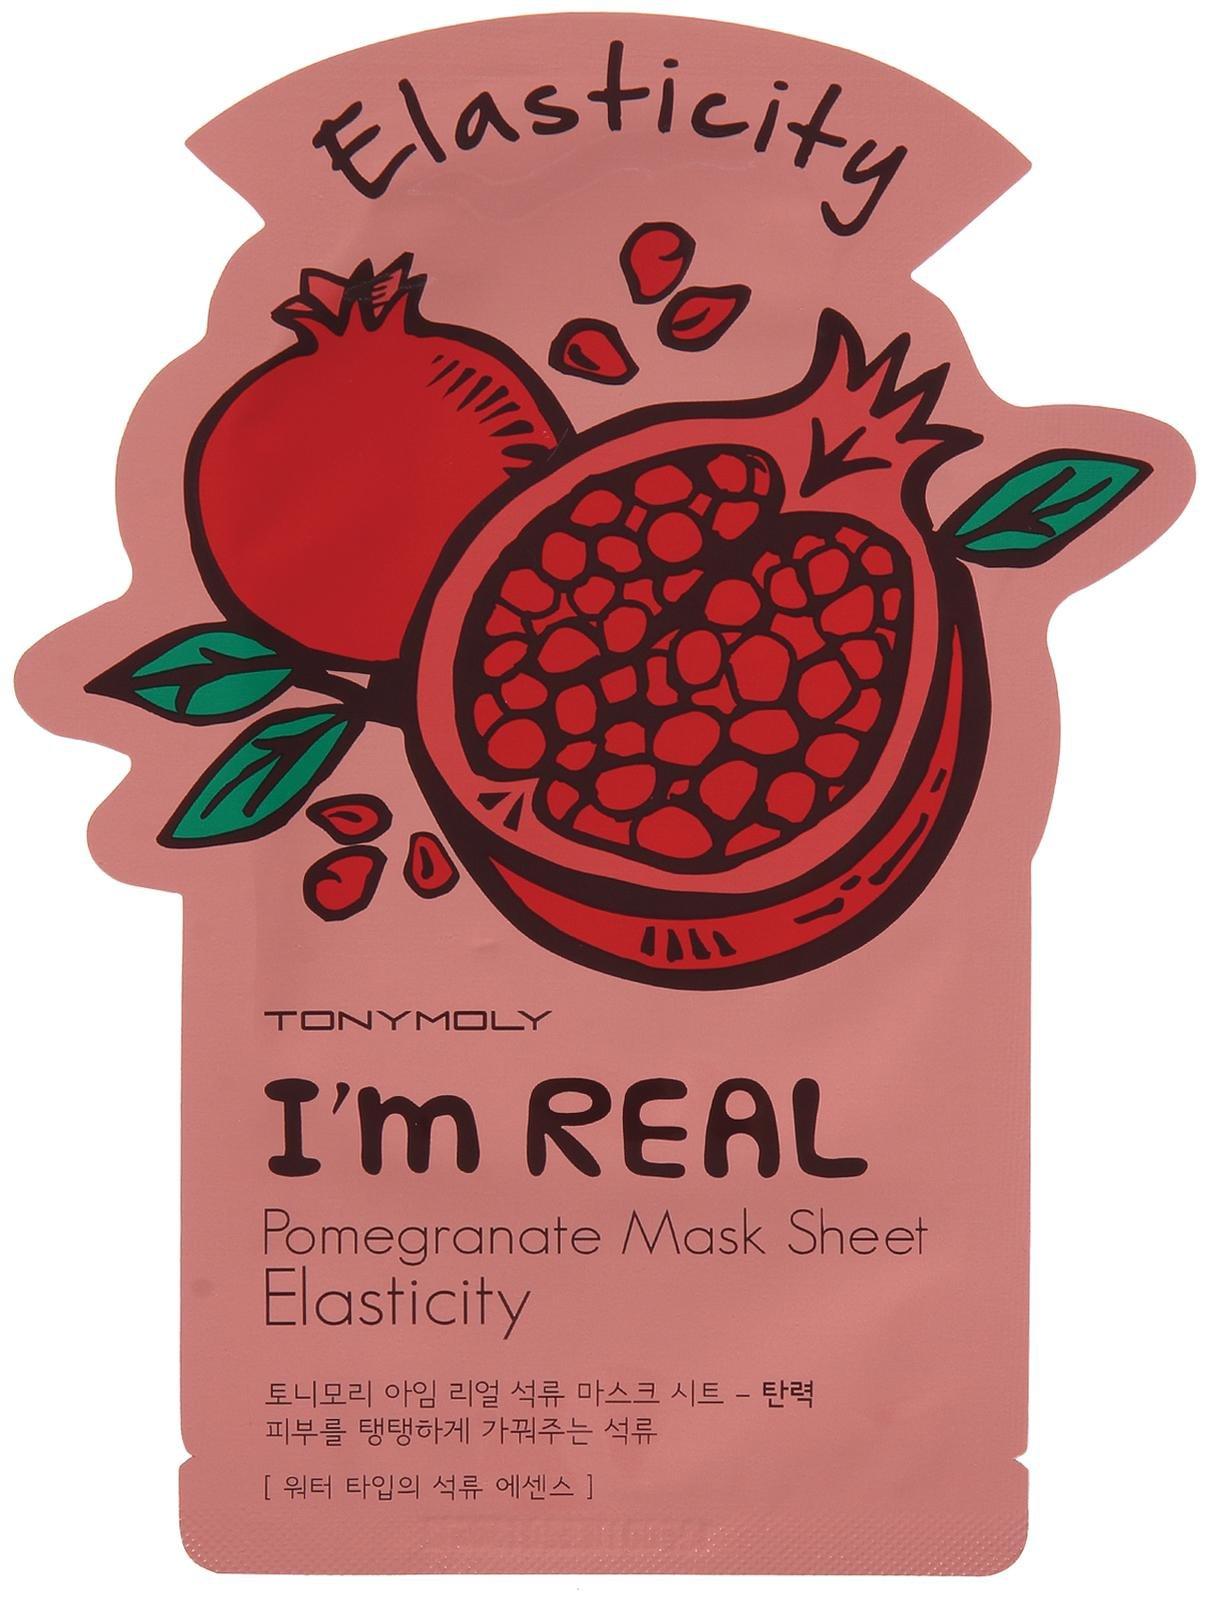 Tony Moly - I'm Real Pomegranate Mask Sheet (Elasticity)